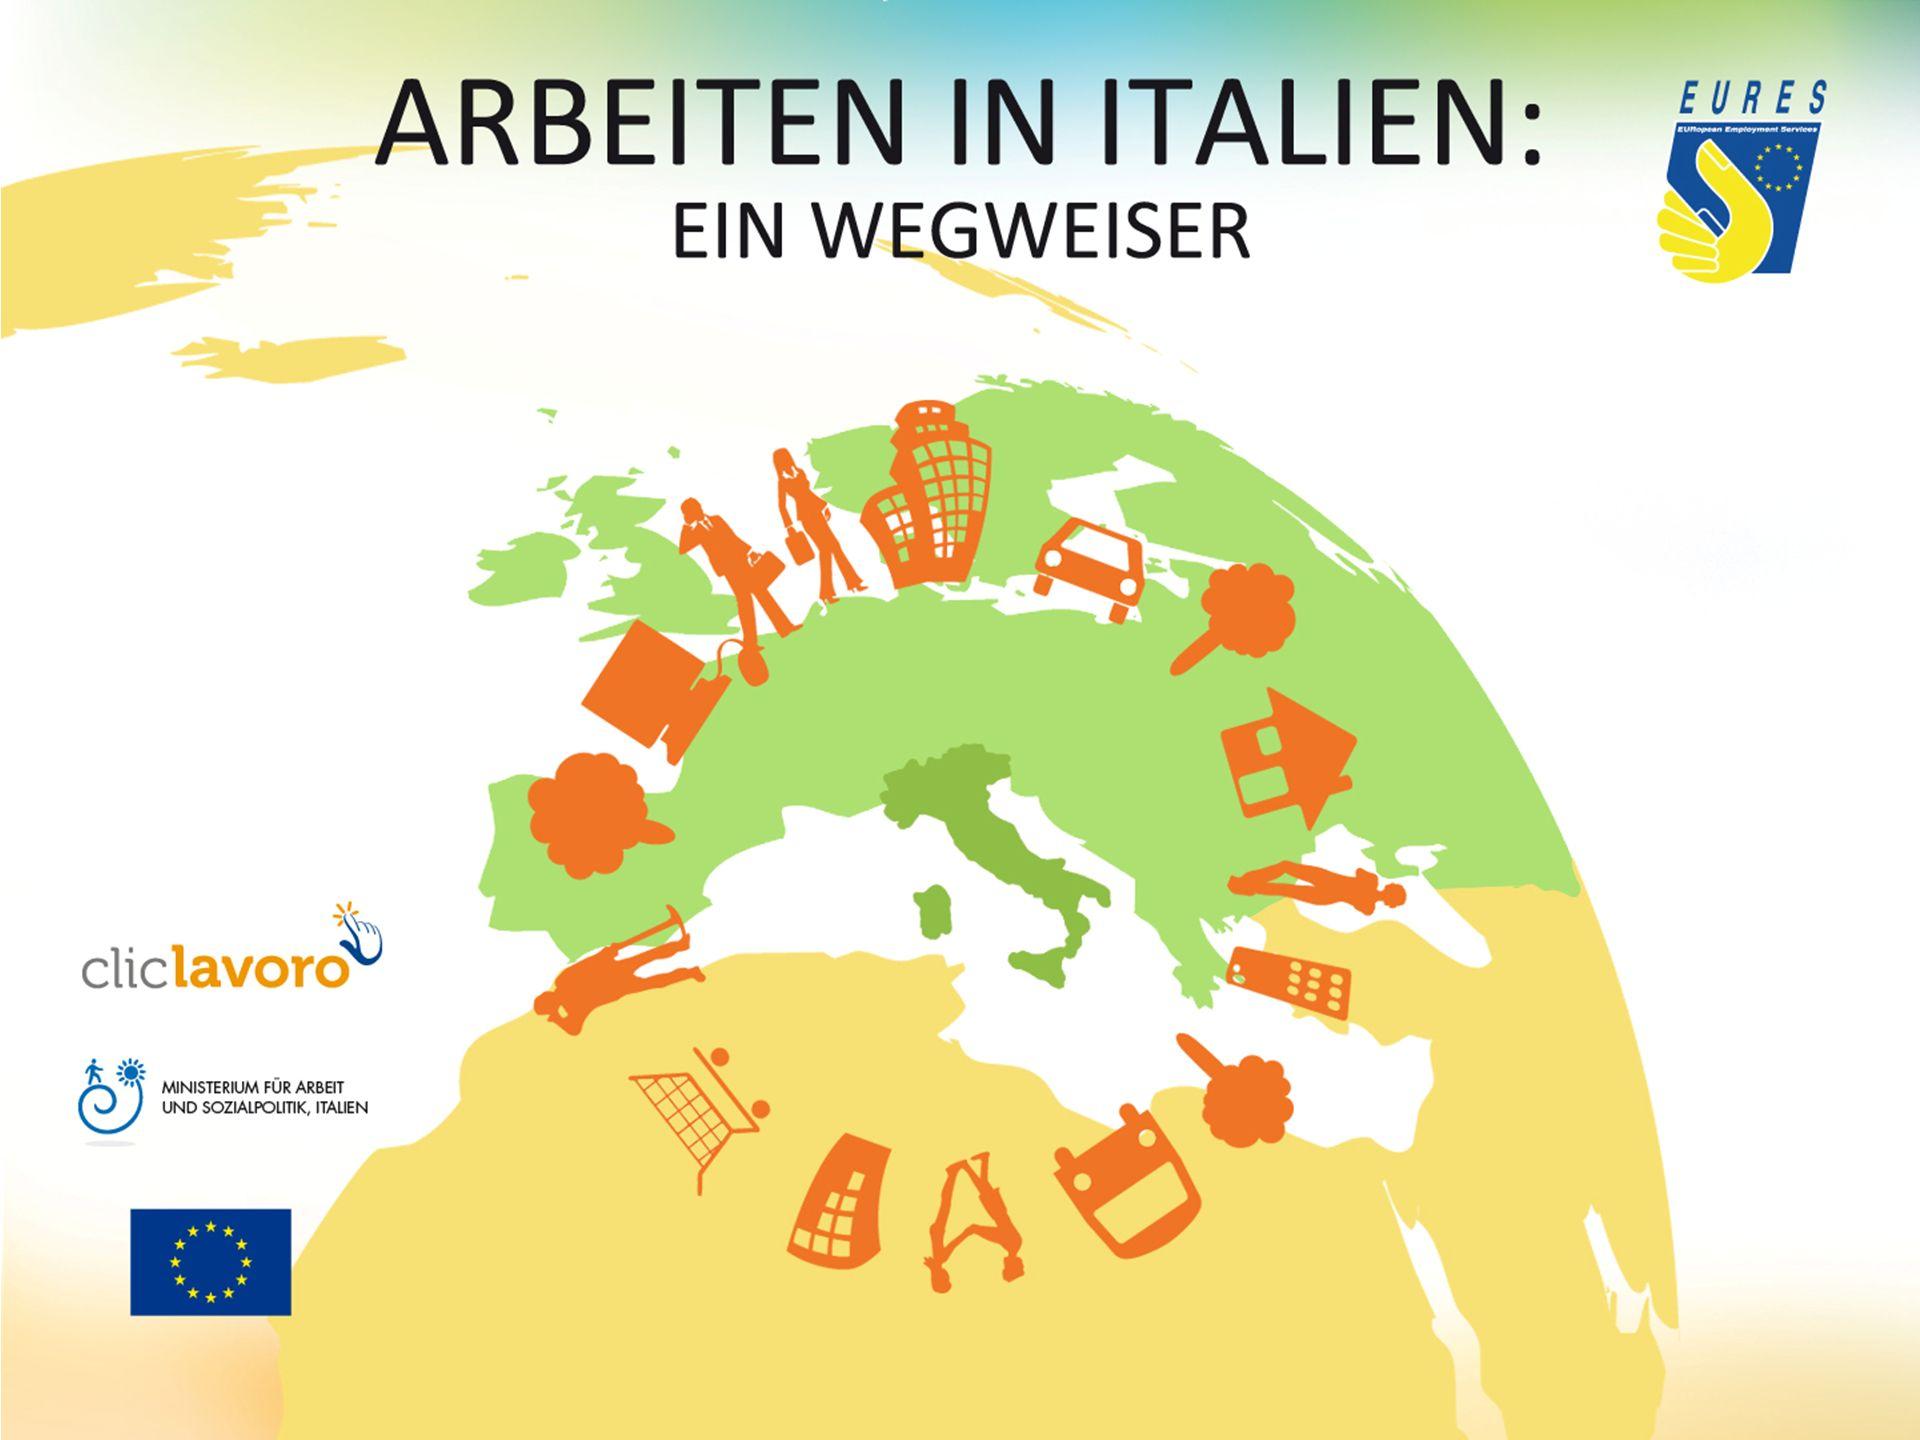 DIE EINKOMMENSSTEUER Die Einkommenssteuer in Italien basiert auf der IRPEF (Einkommensstauer natürlicher Personen), die eine direkte progressive Steuer darstellt.